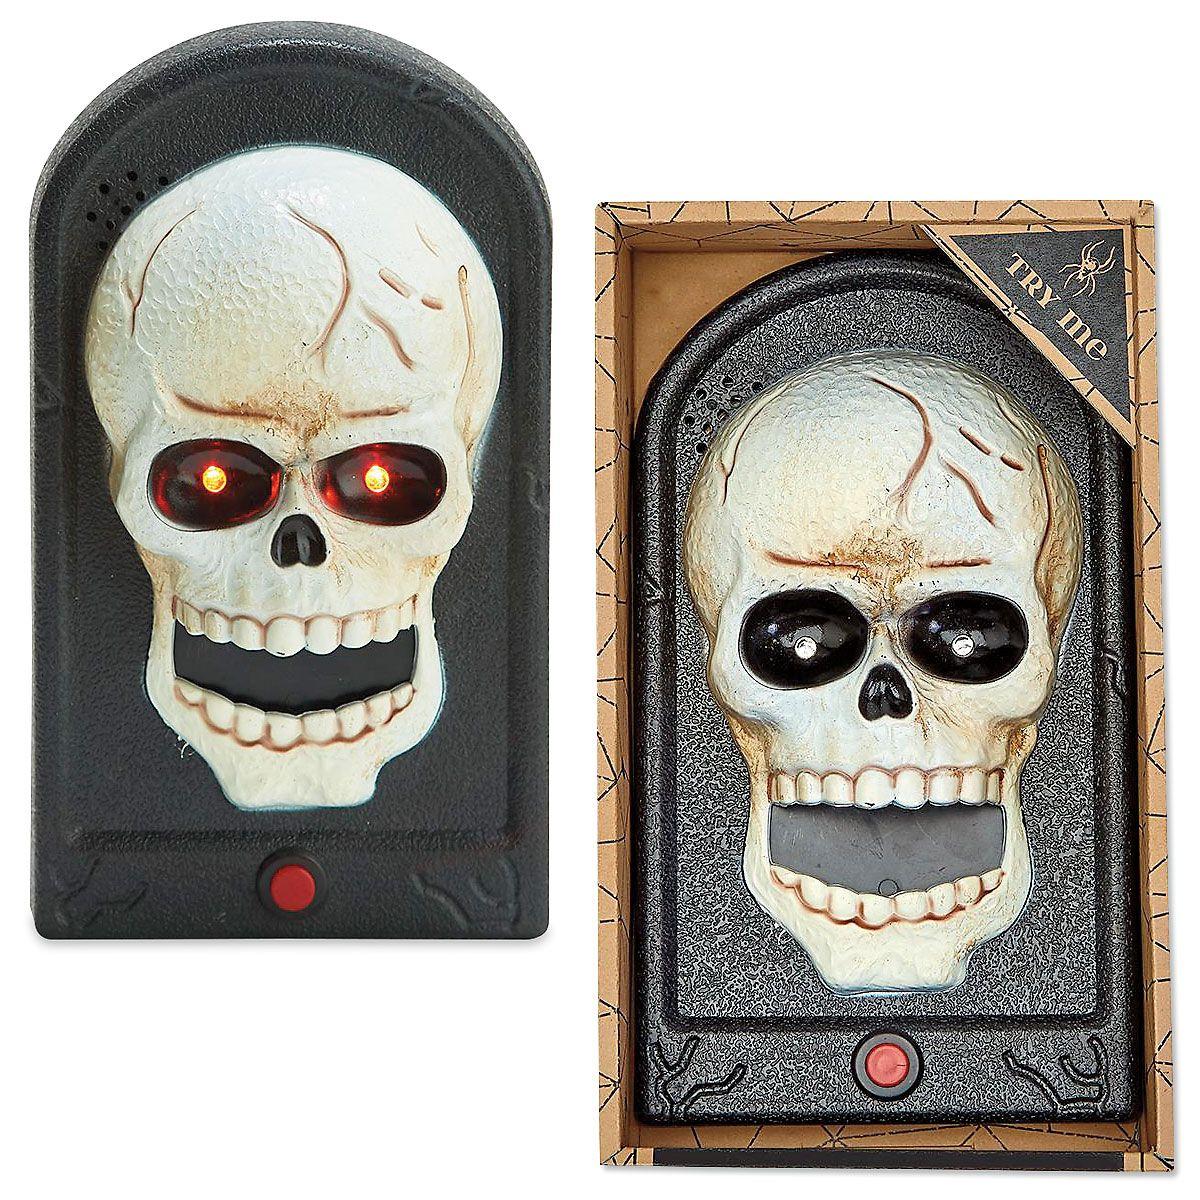 Skeleton Novelty Doorbell